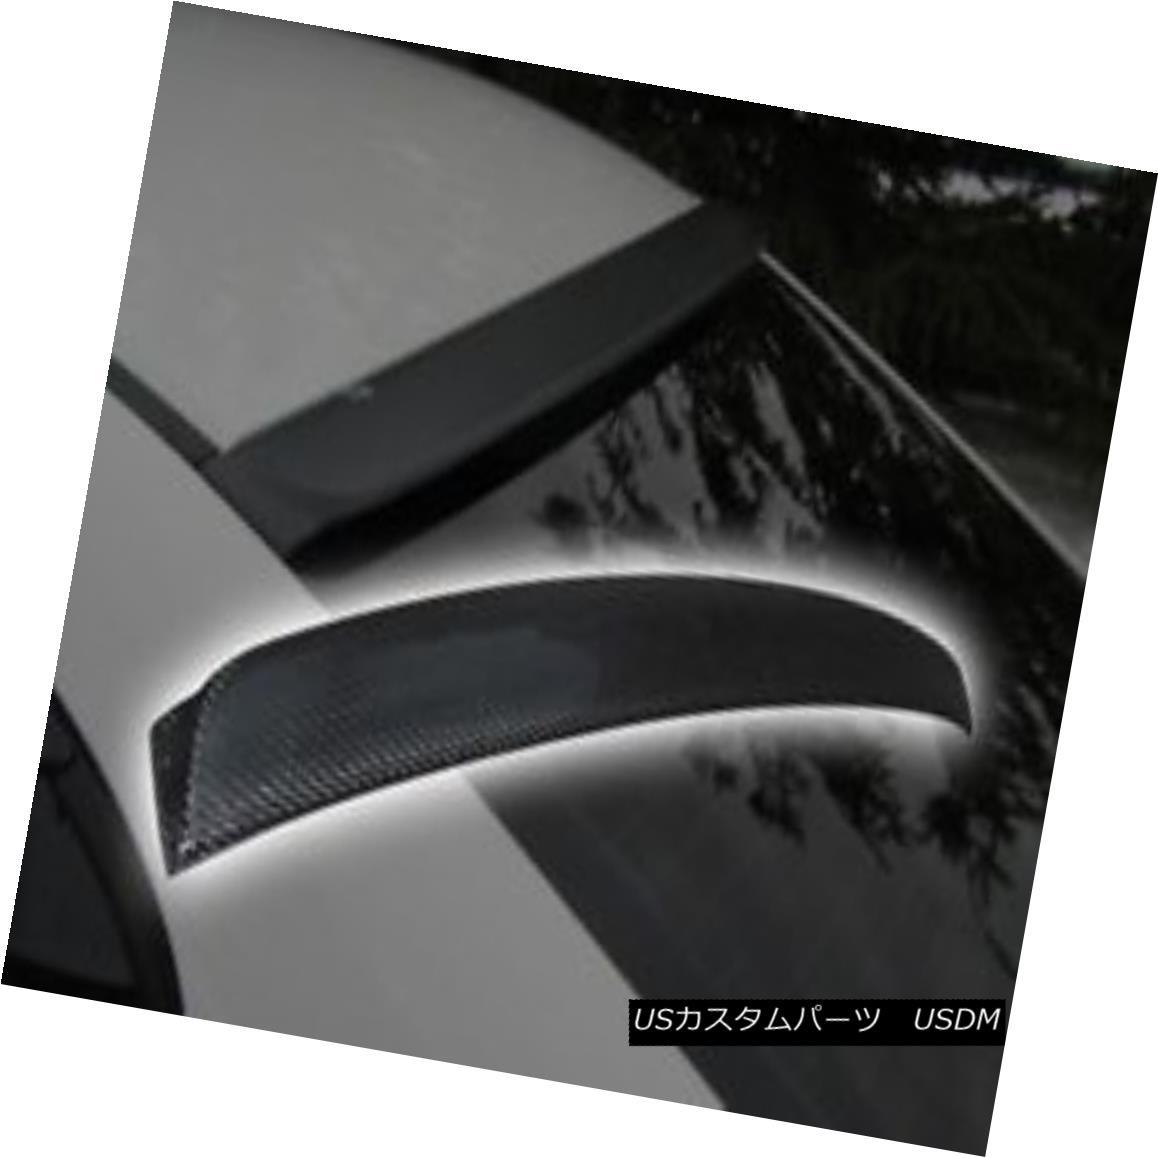 エアロパーツ 06-10 CIVIC 4DR NEW JDM CARBON FIBER REAR ROOF WINDOW SPOILER VENT DIFFUSER WING 06-10シビック4DR NEW JDMカーボンファイバーリアルーフウインドースポイラーベントディフューザーウイング